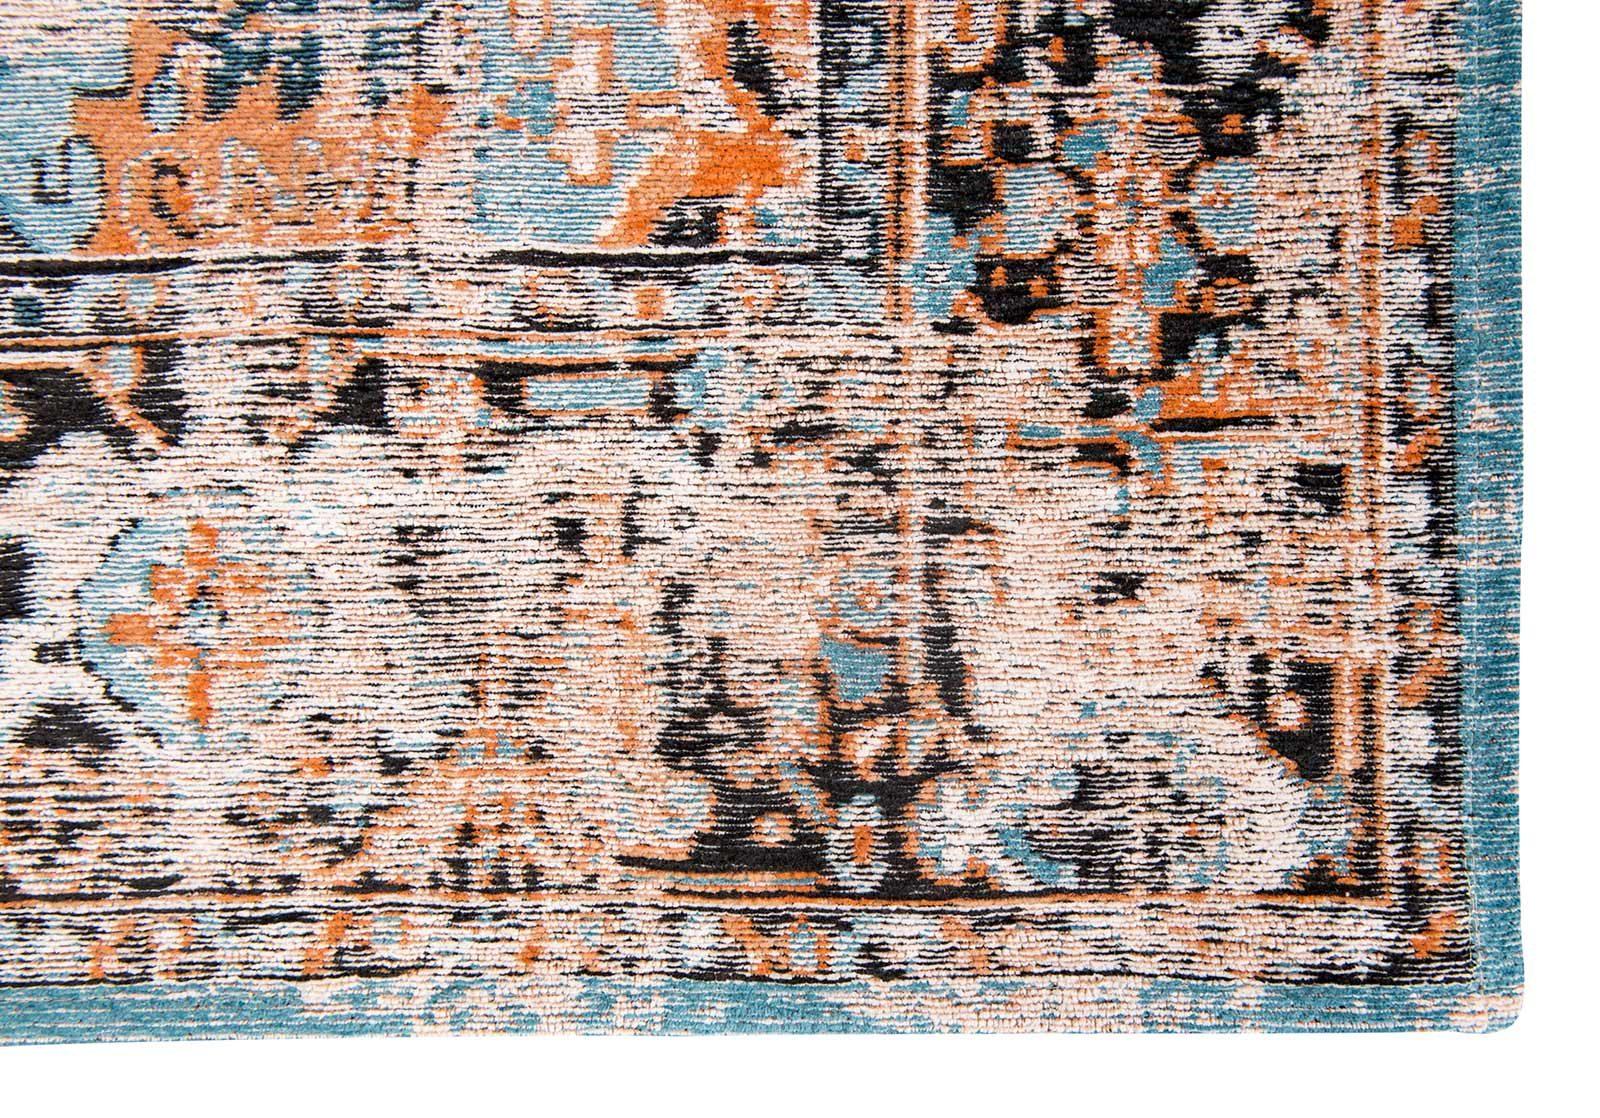 vloerkleed Louis De Poortere LX8705 Antiquarian Antique Heriz Seray Orange corner